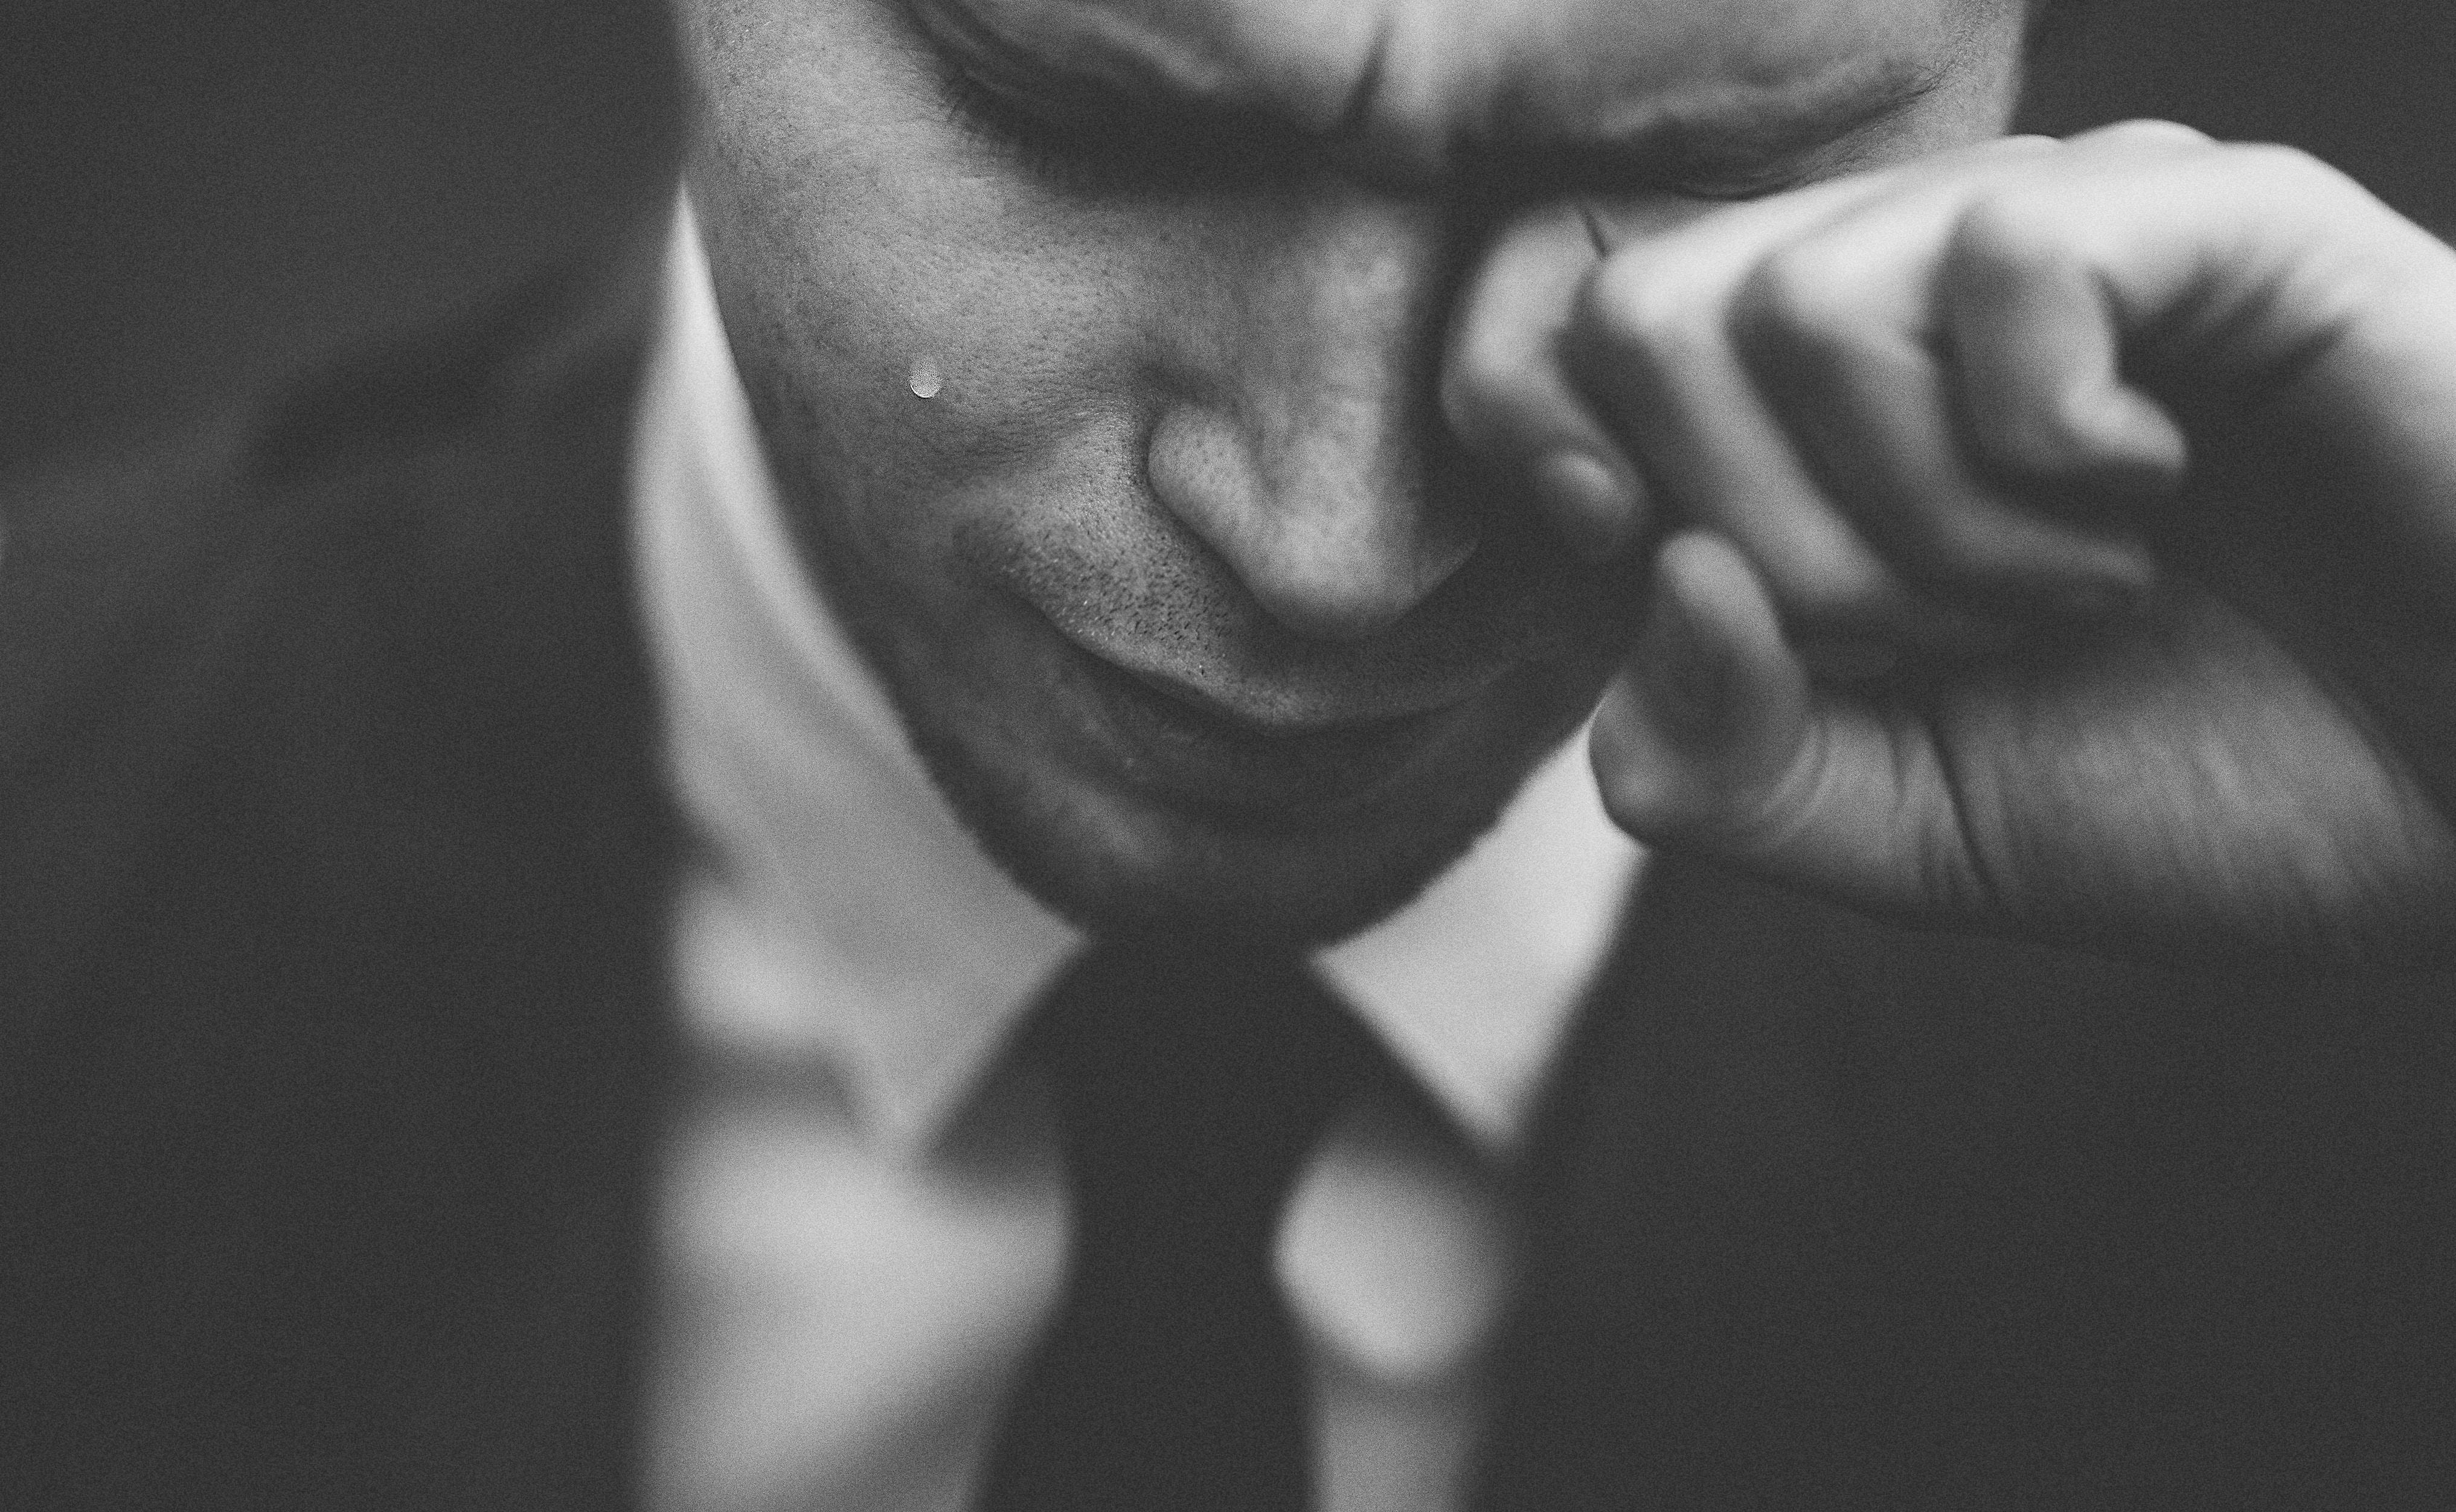 Die Besondere Schwere Der Schuld Schwurgericht Infoschwurgericht Info